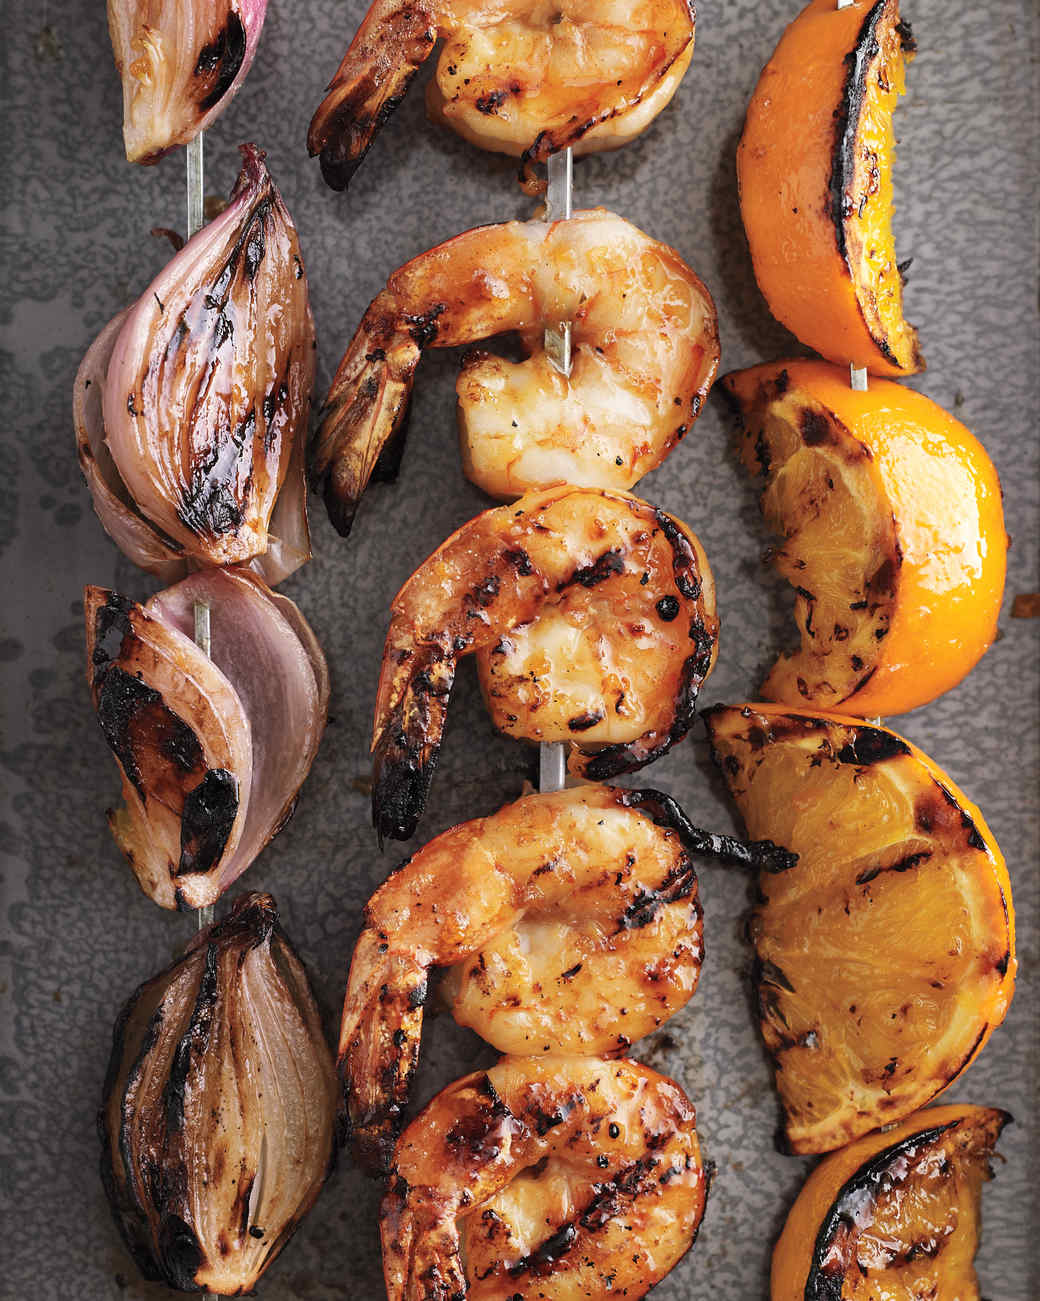 shallots-shrimp-oranges-kebabs-042-med110108.jpg